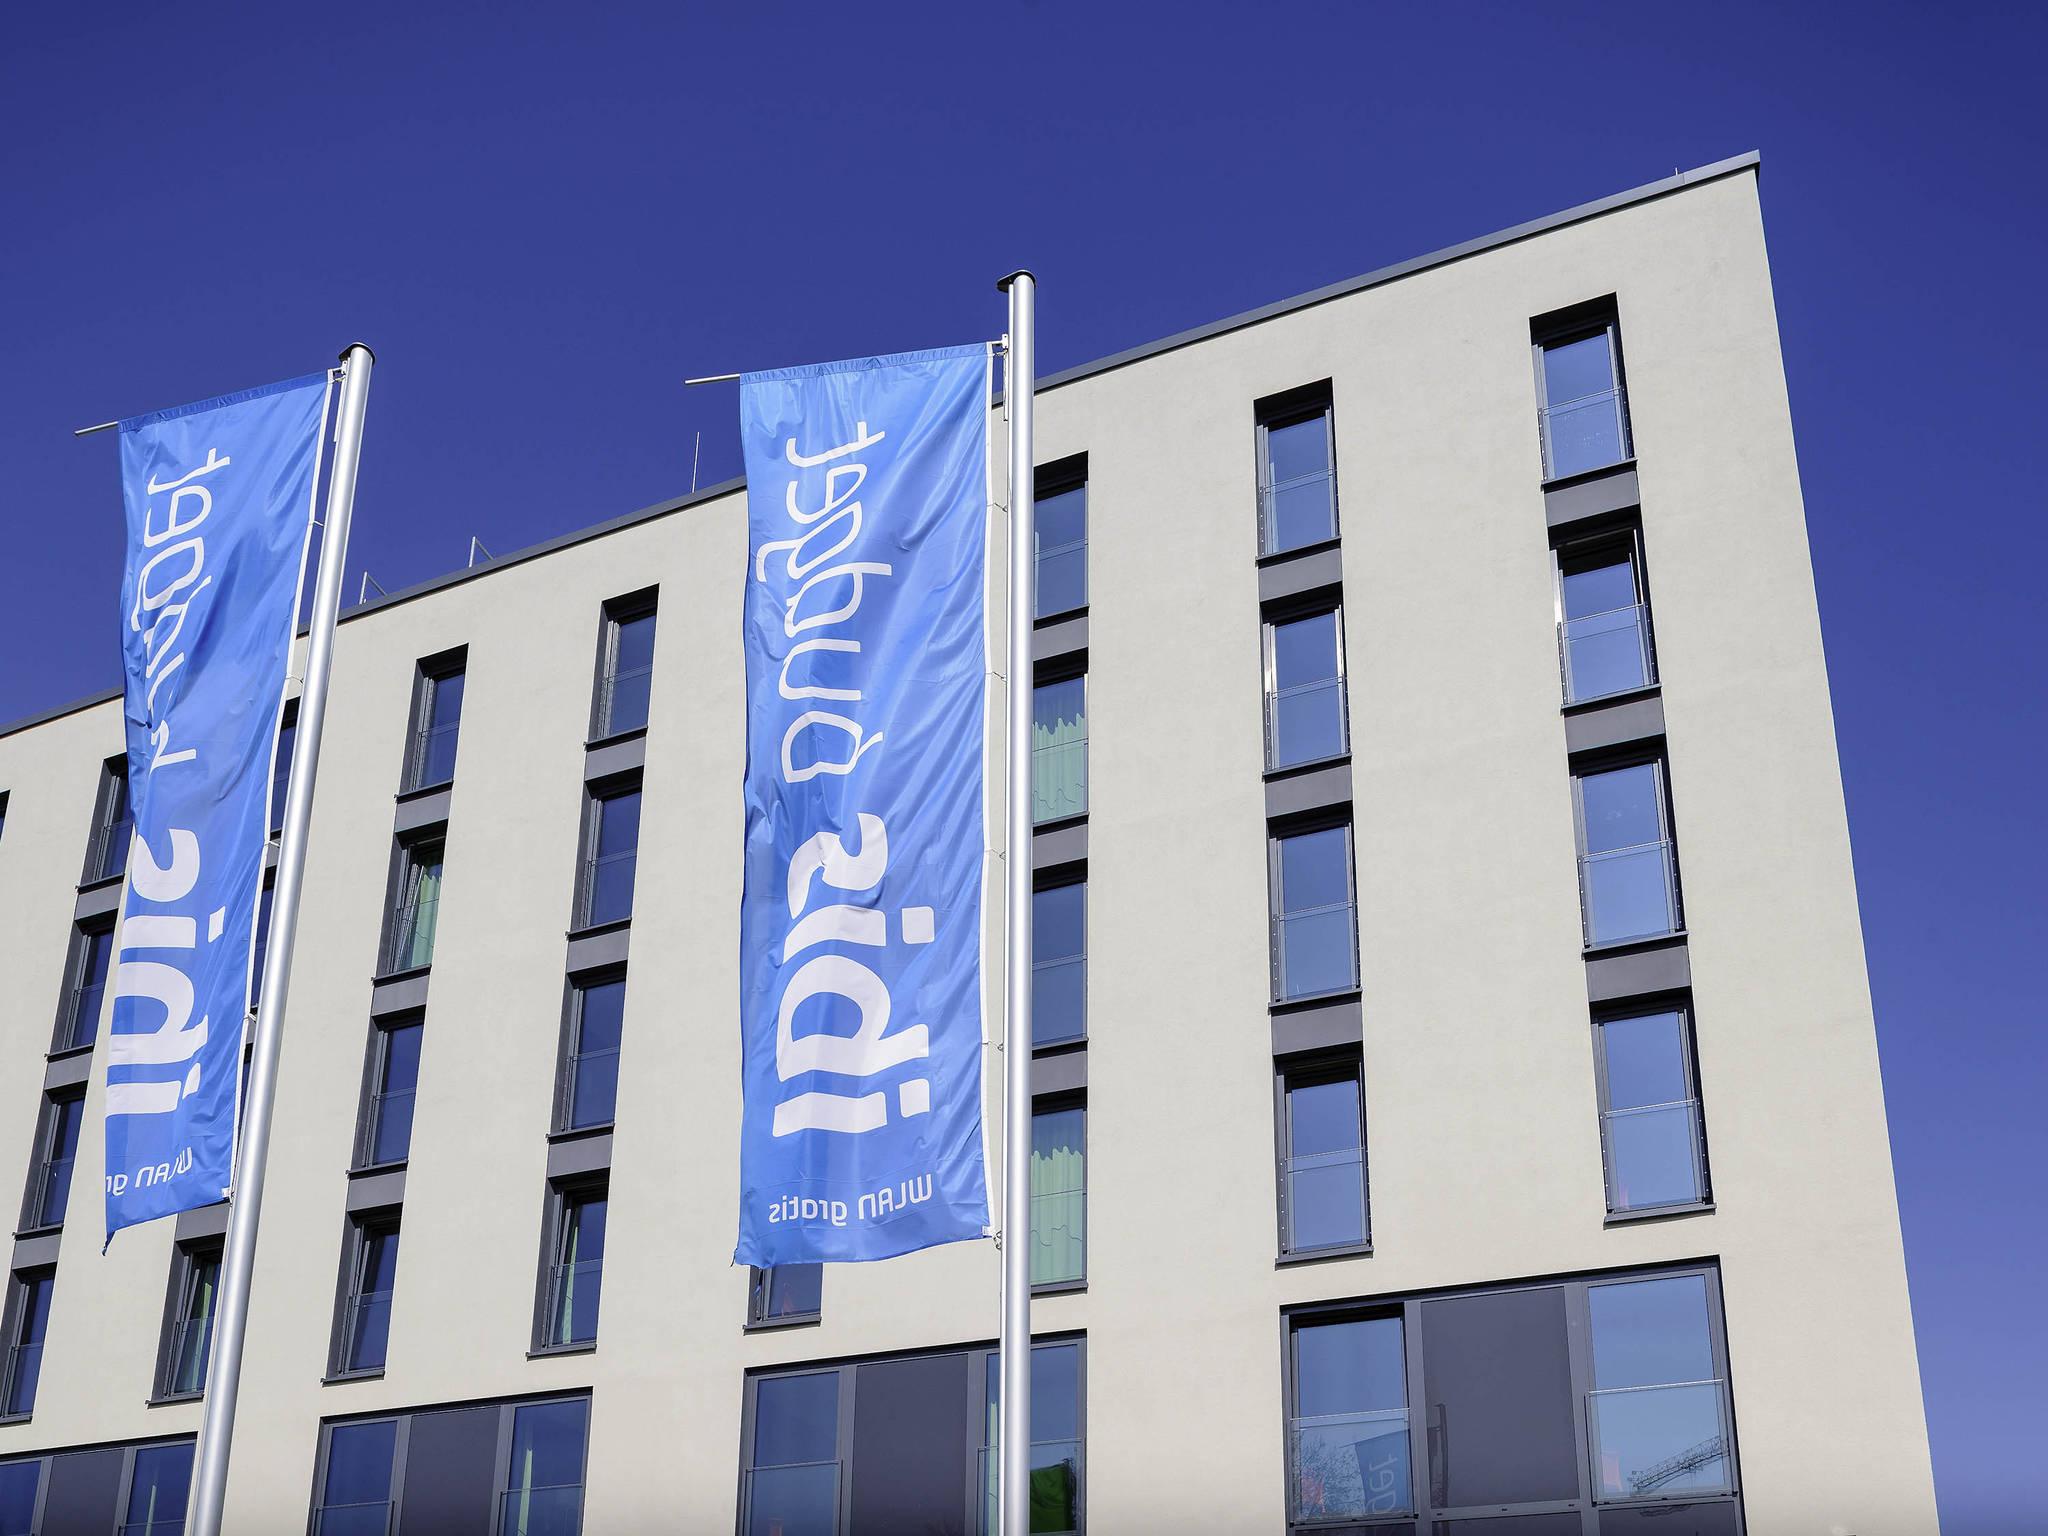 Hotel Ibis Budget Konstanz